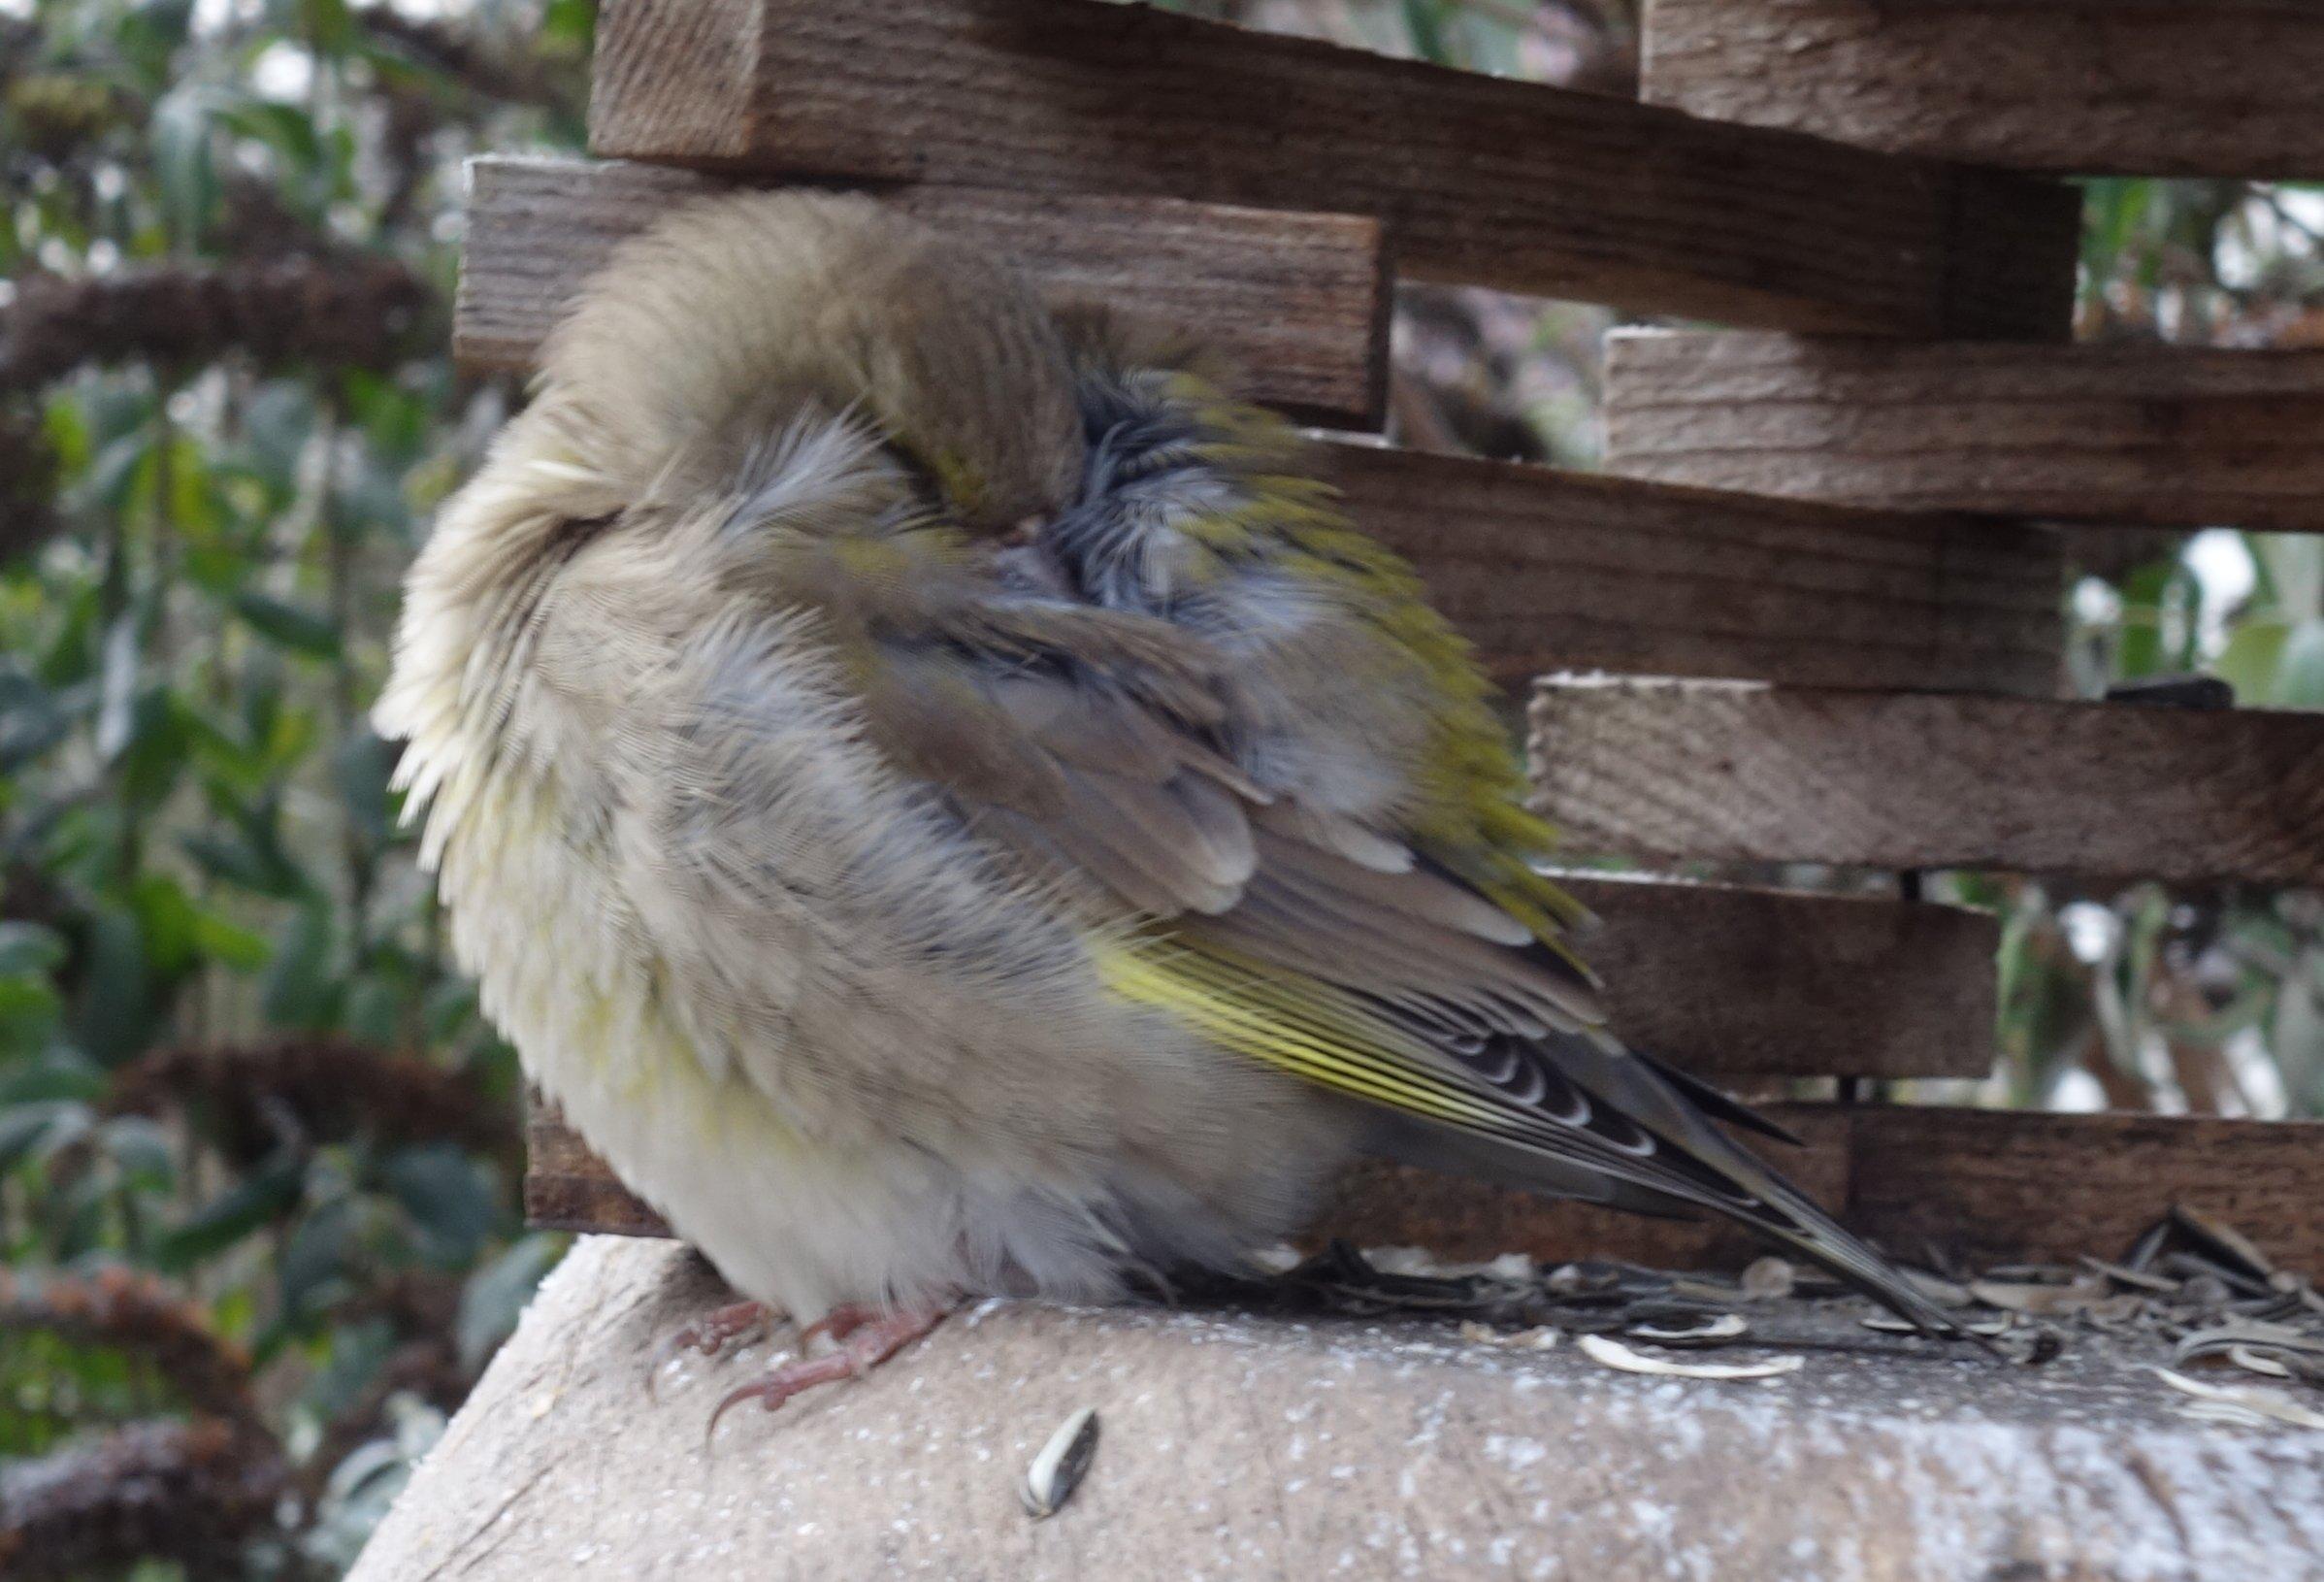 Sterbenskranker Grünfink im Vogelhaus